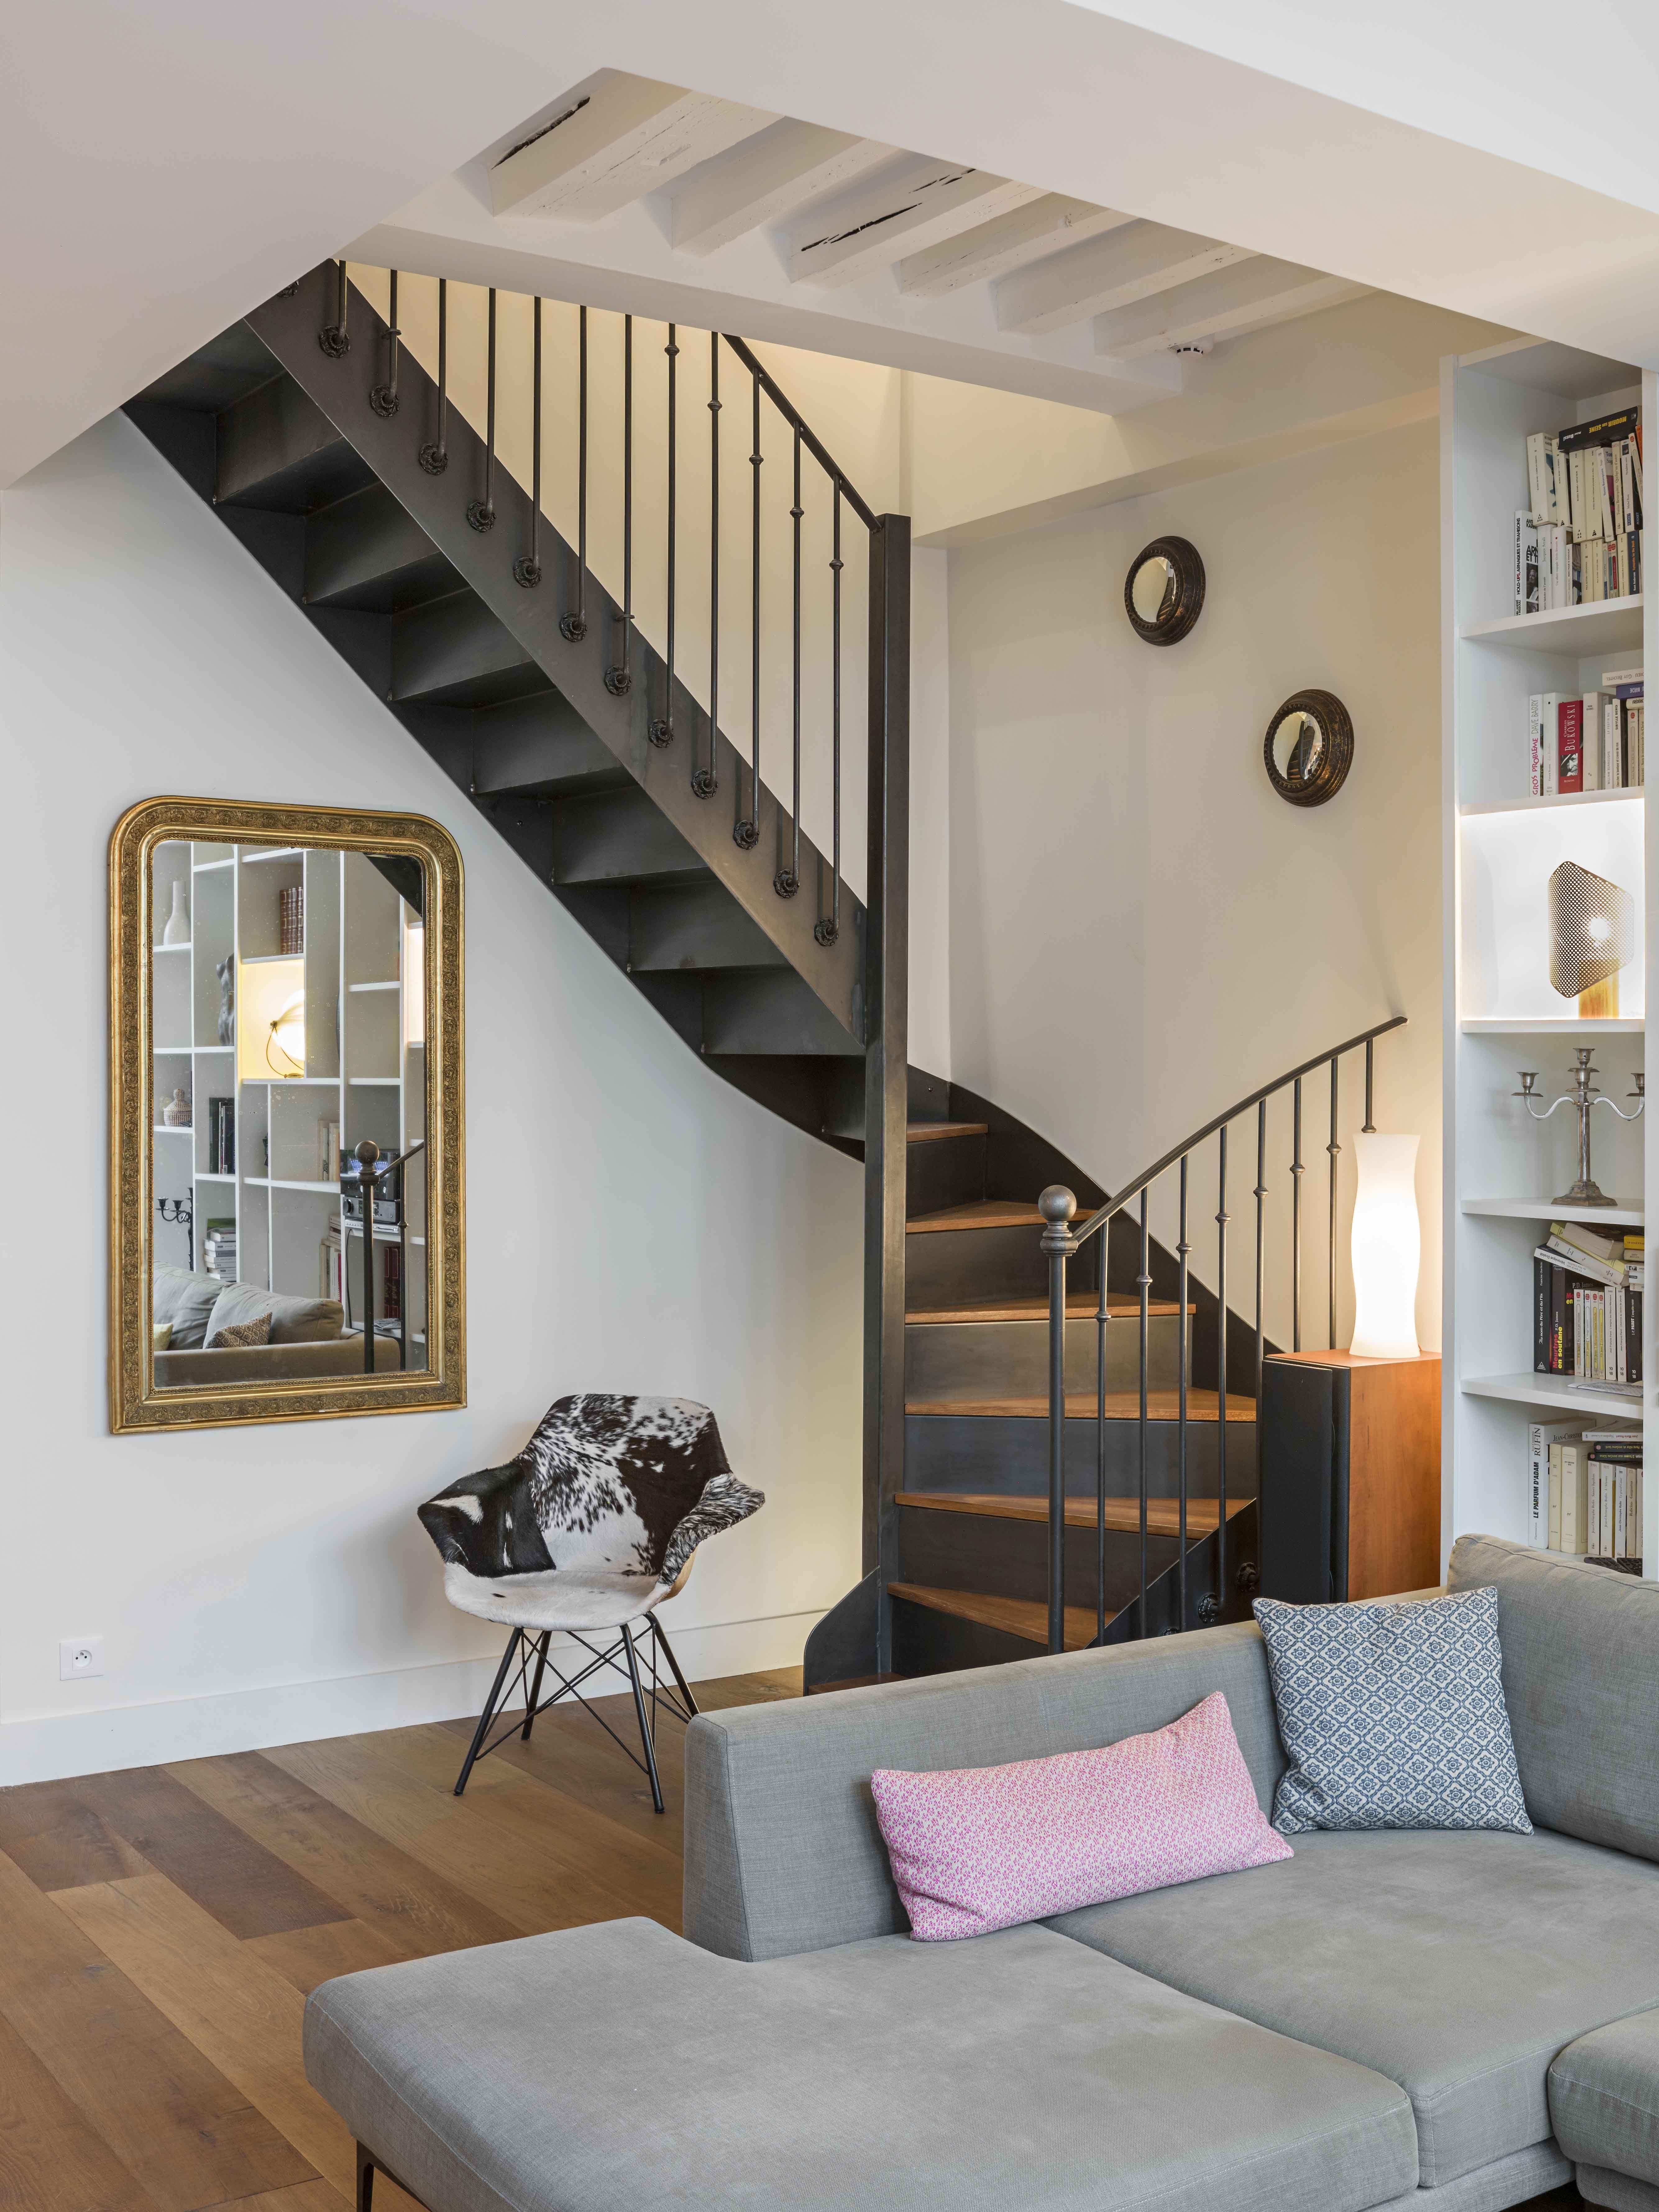 Modele D Escalier Peint marie alfroid architecture - project. escalier 2/4 tournants